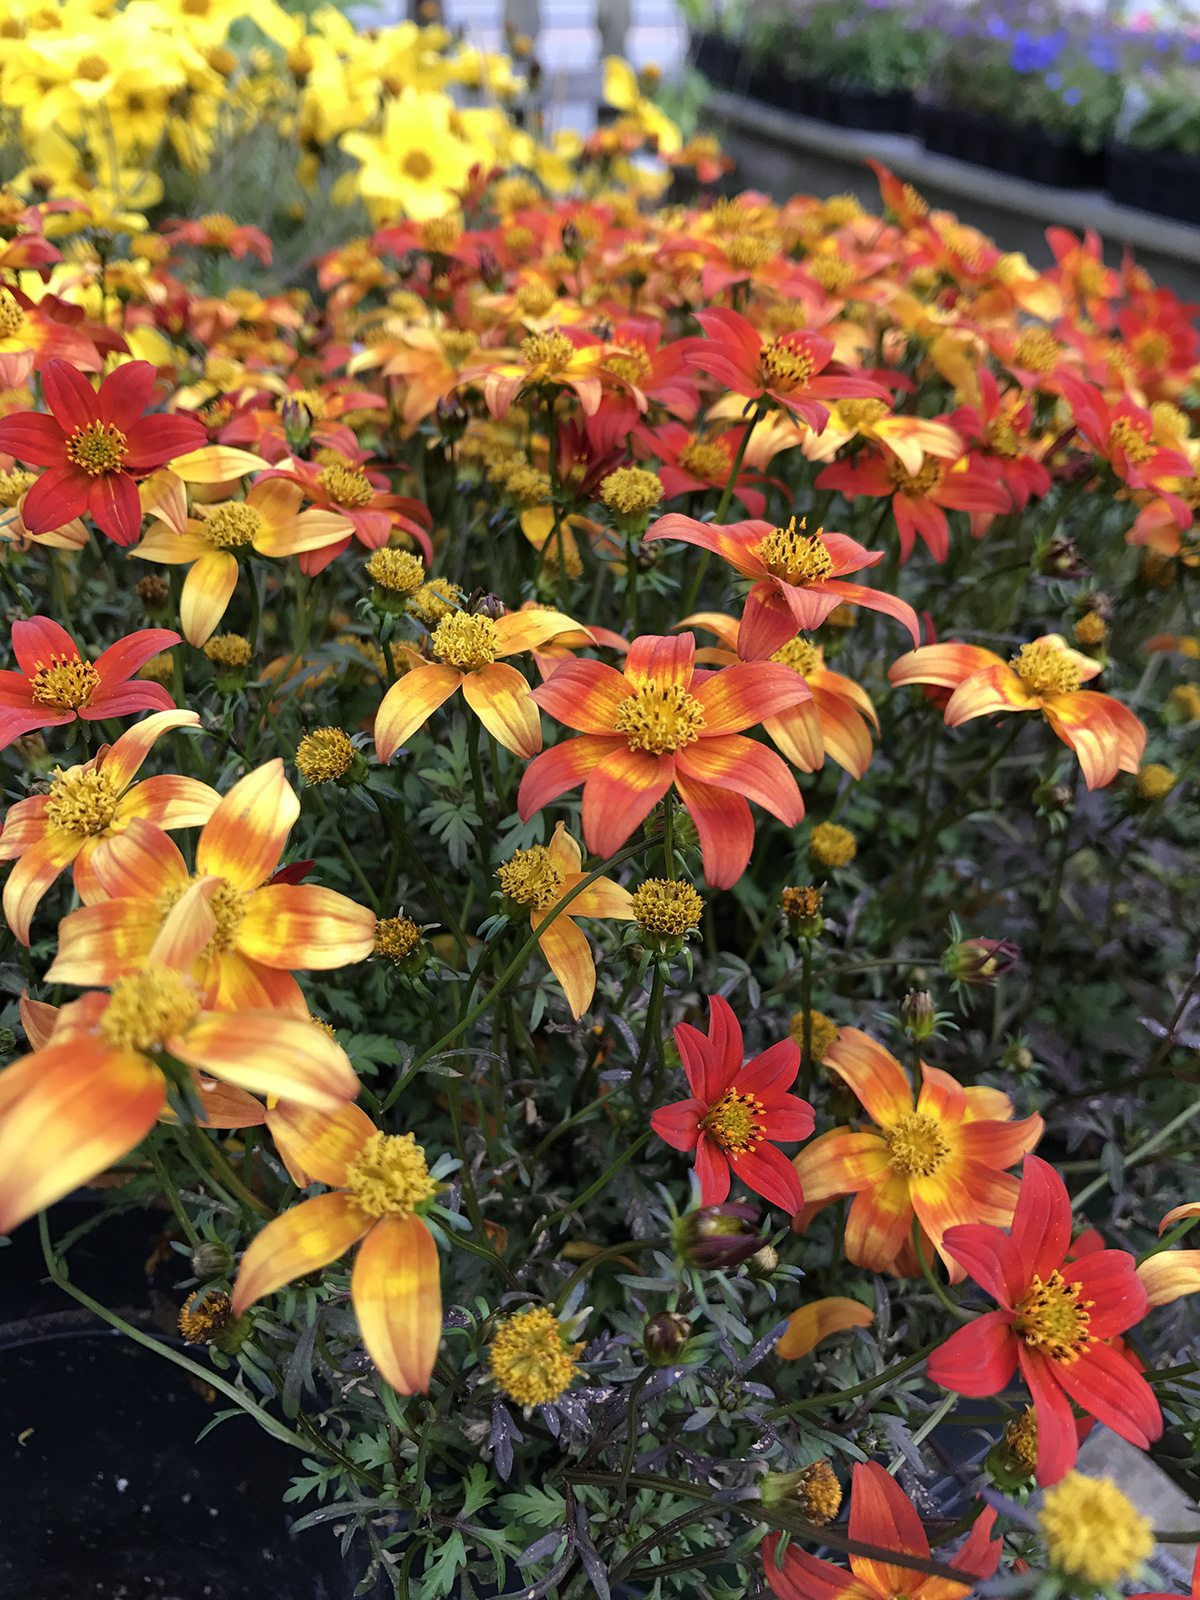 Flowers at Hopkins Hill Nursery